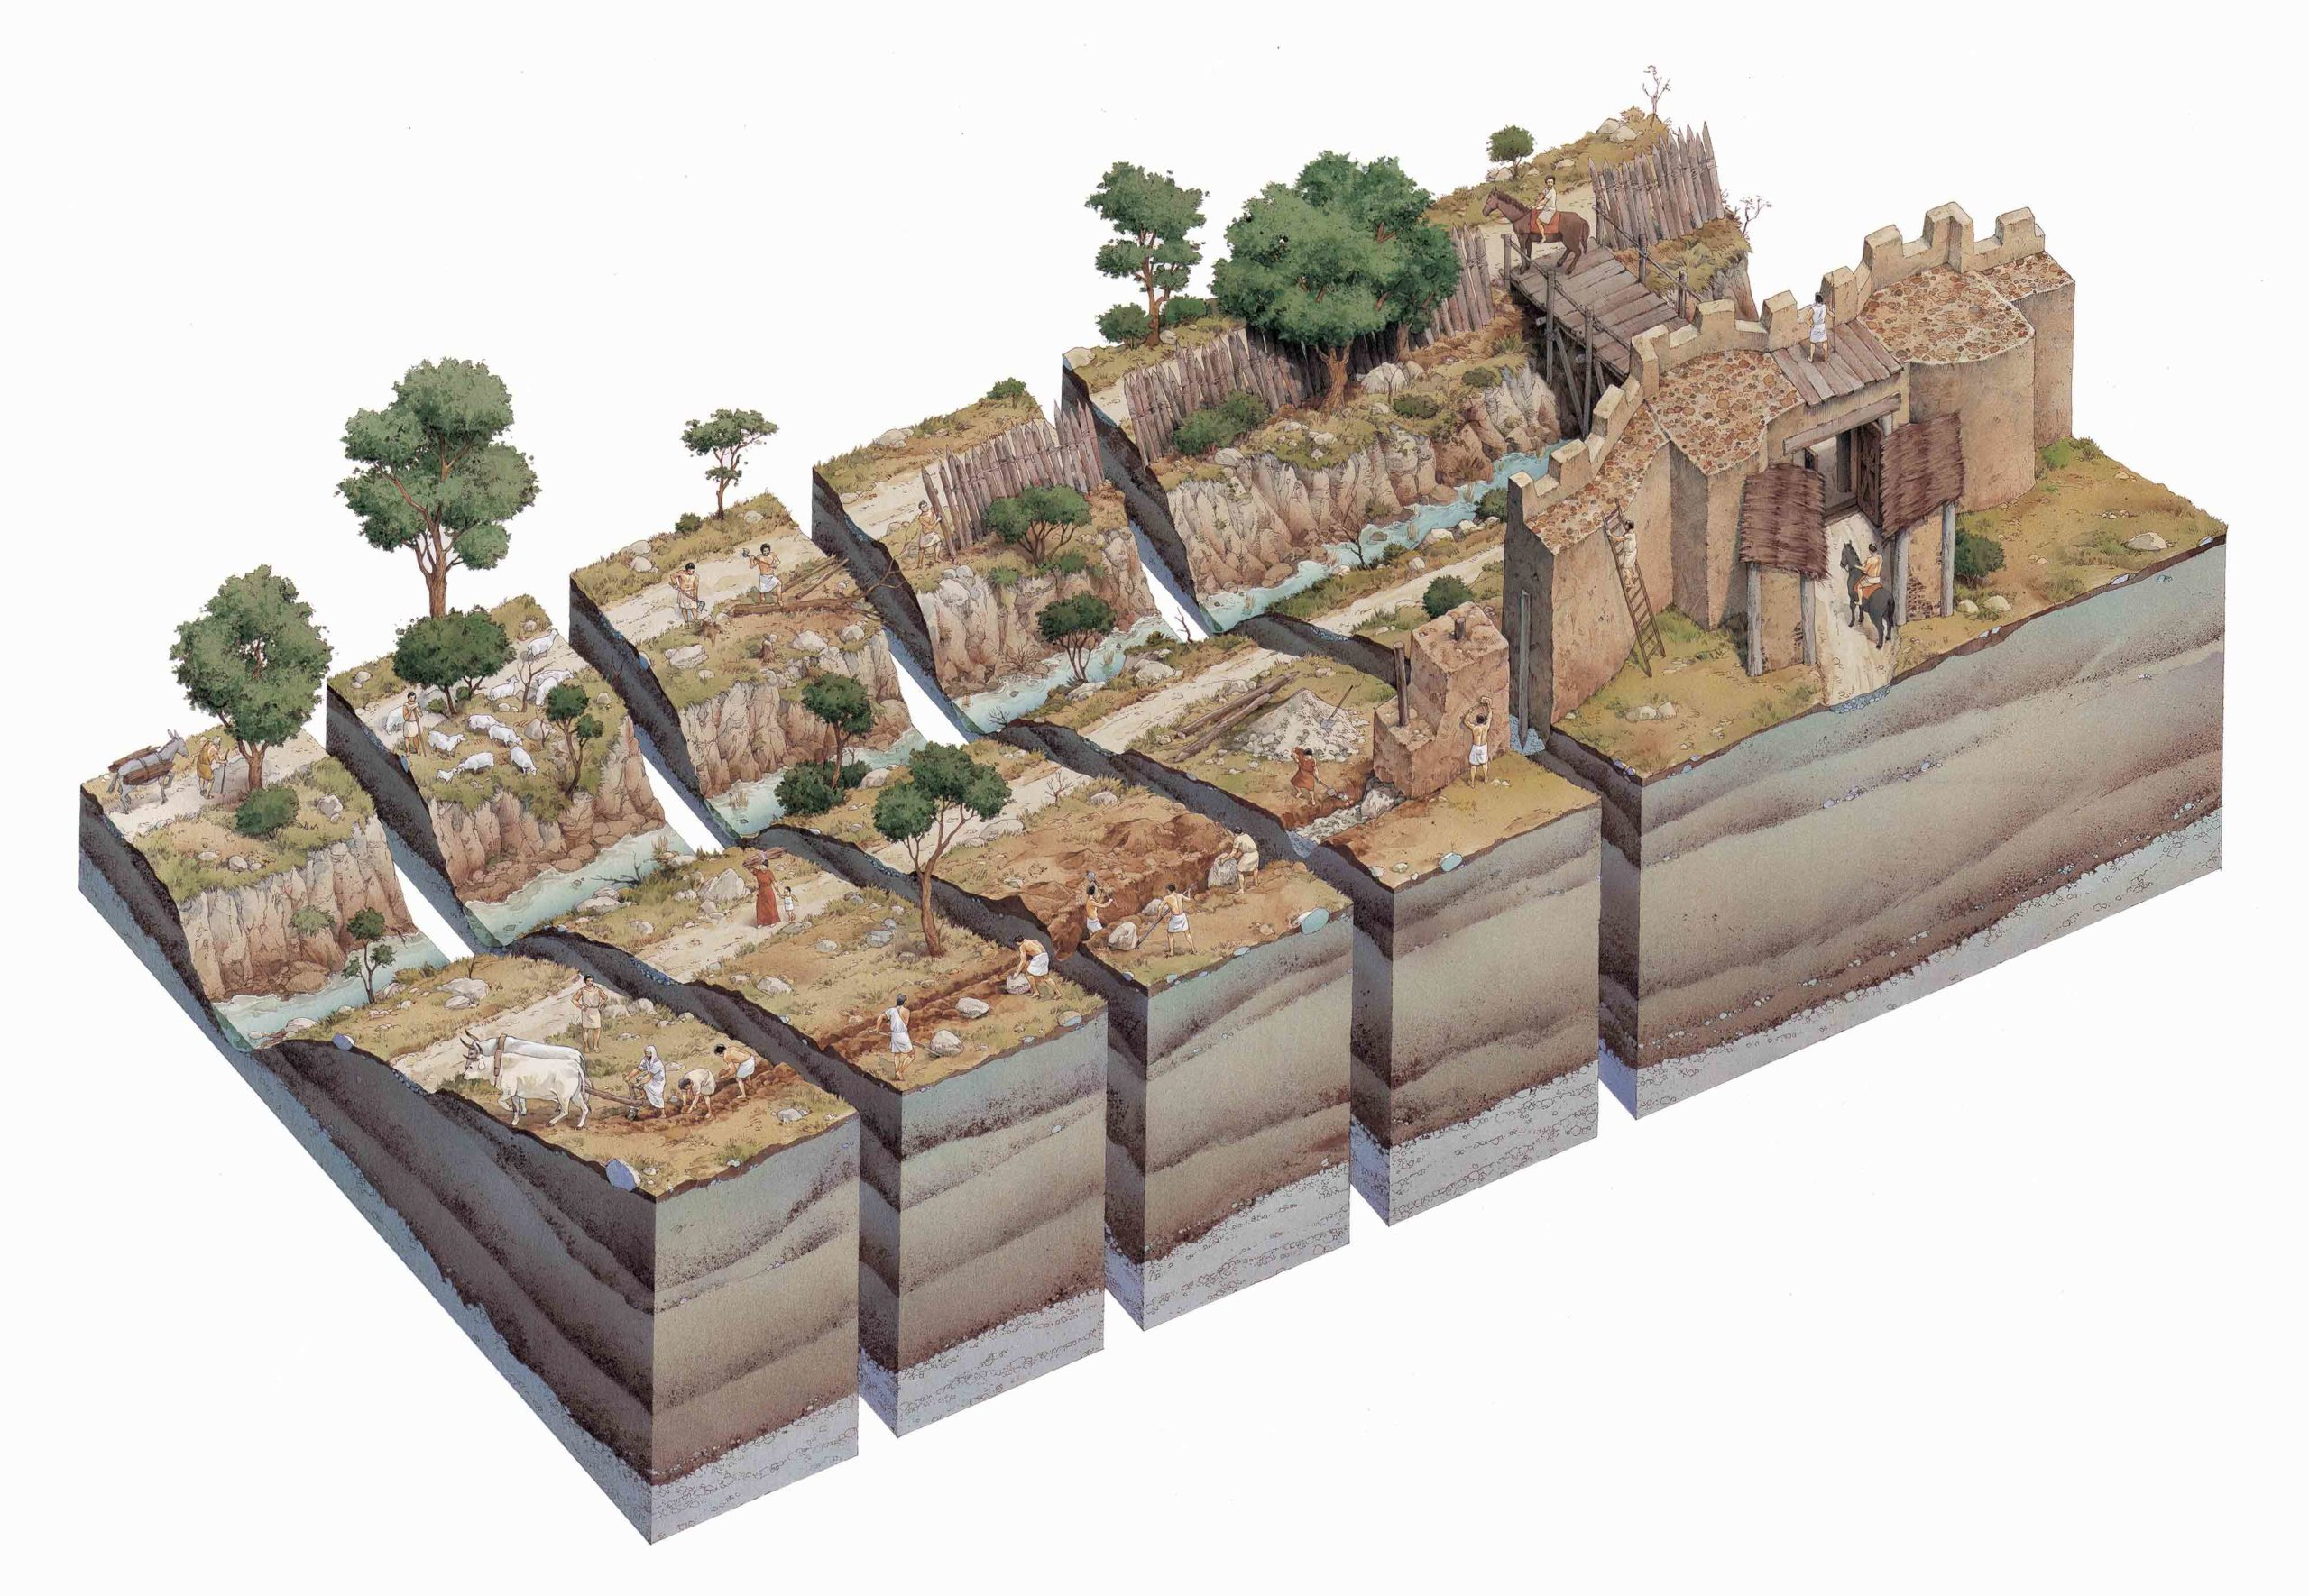 Rito-dellaratura-e-la-costruzione-delle-mura-palatine-inklink-musei-simone-boni